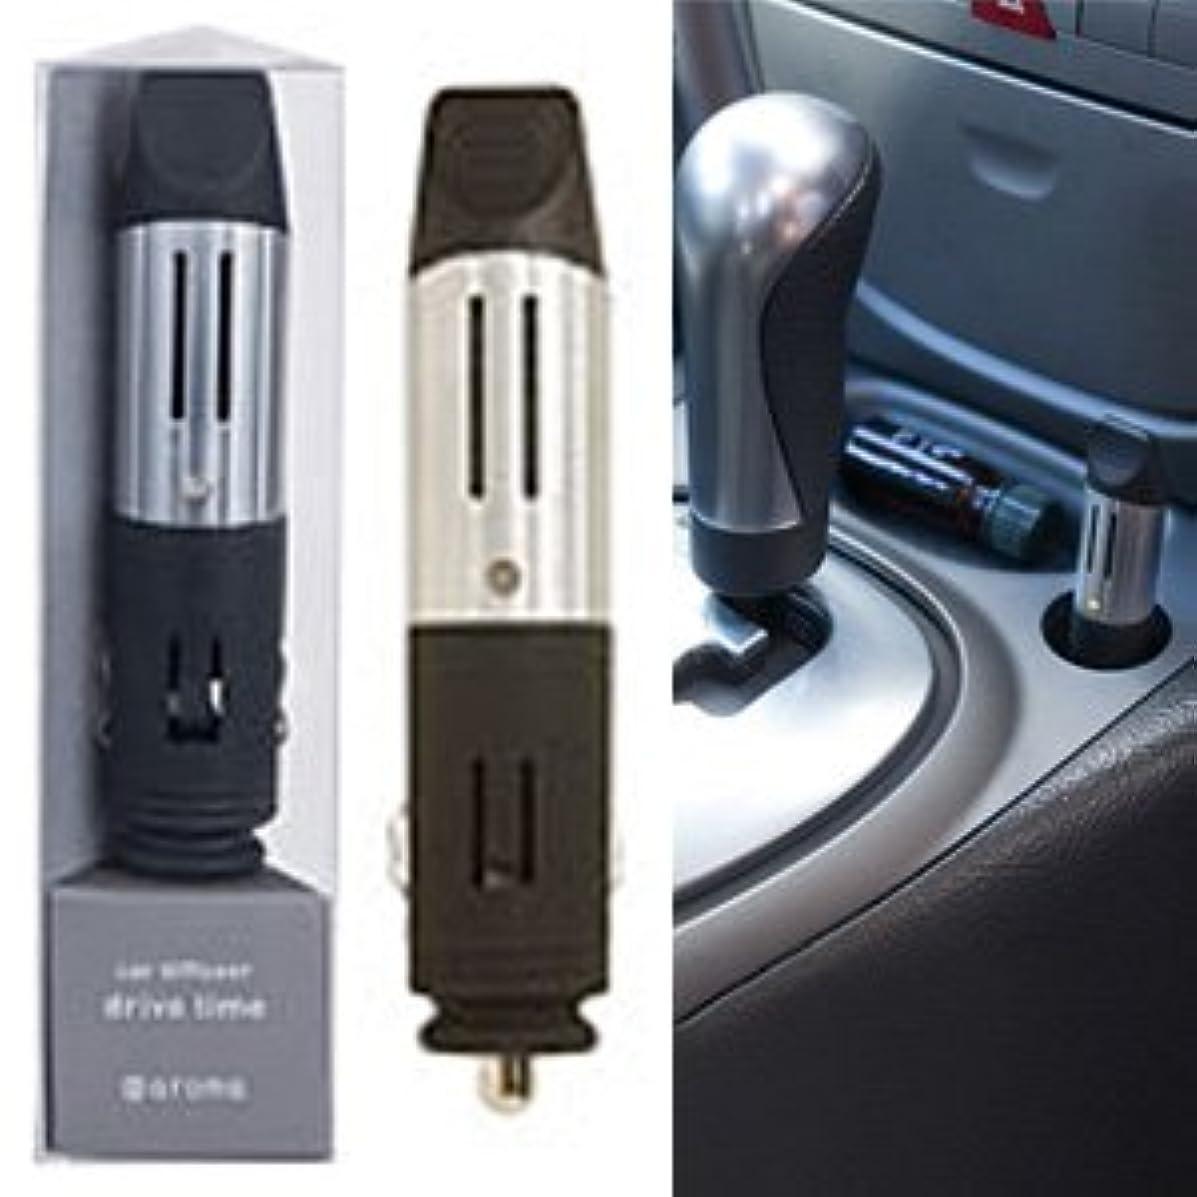 可能にするおしゃれな高さ車用アロマディフューザー ドライブタイム [ソケットタイプ/DC12V電源] カラー:シルバー